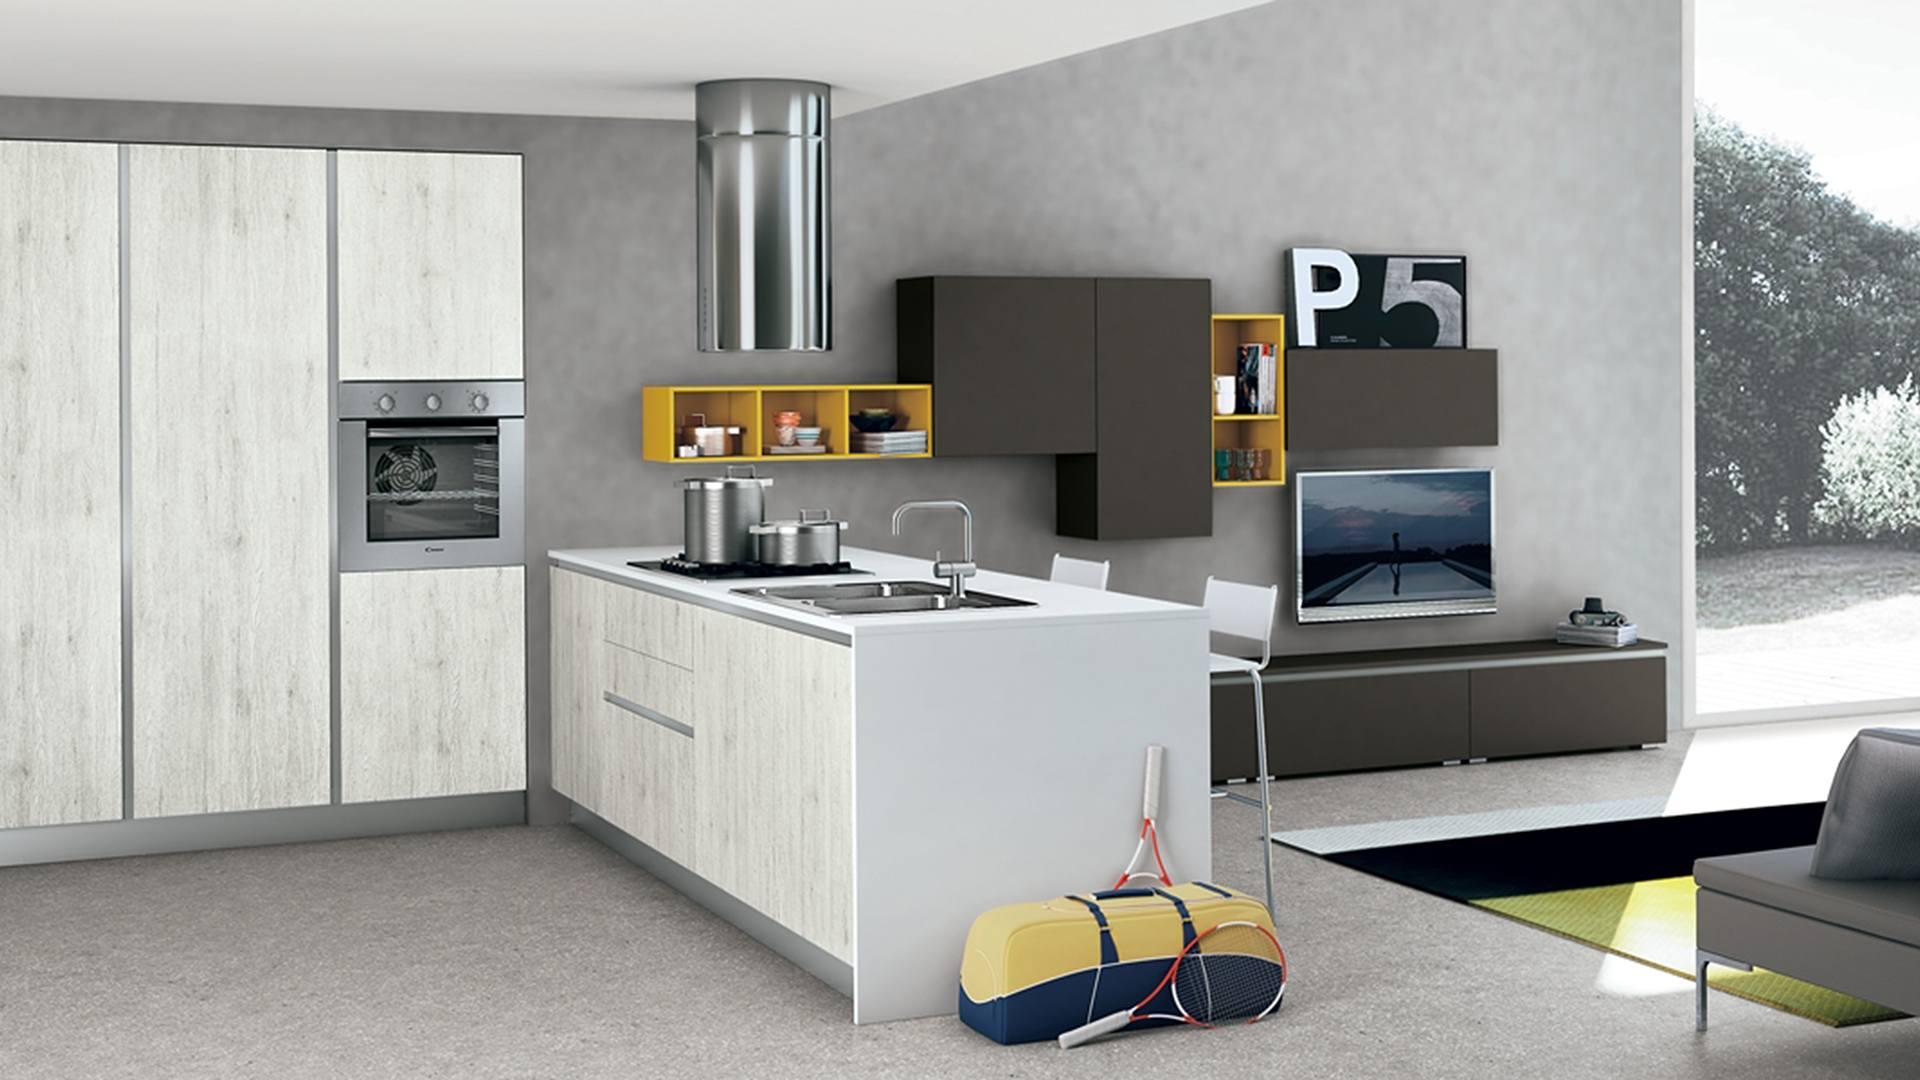 Le Nuove Cucine Moderne Lube Store Milano Le Cucine - ank lube store ...